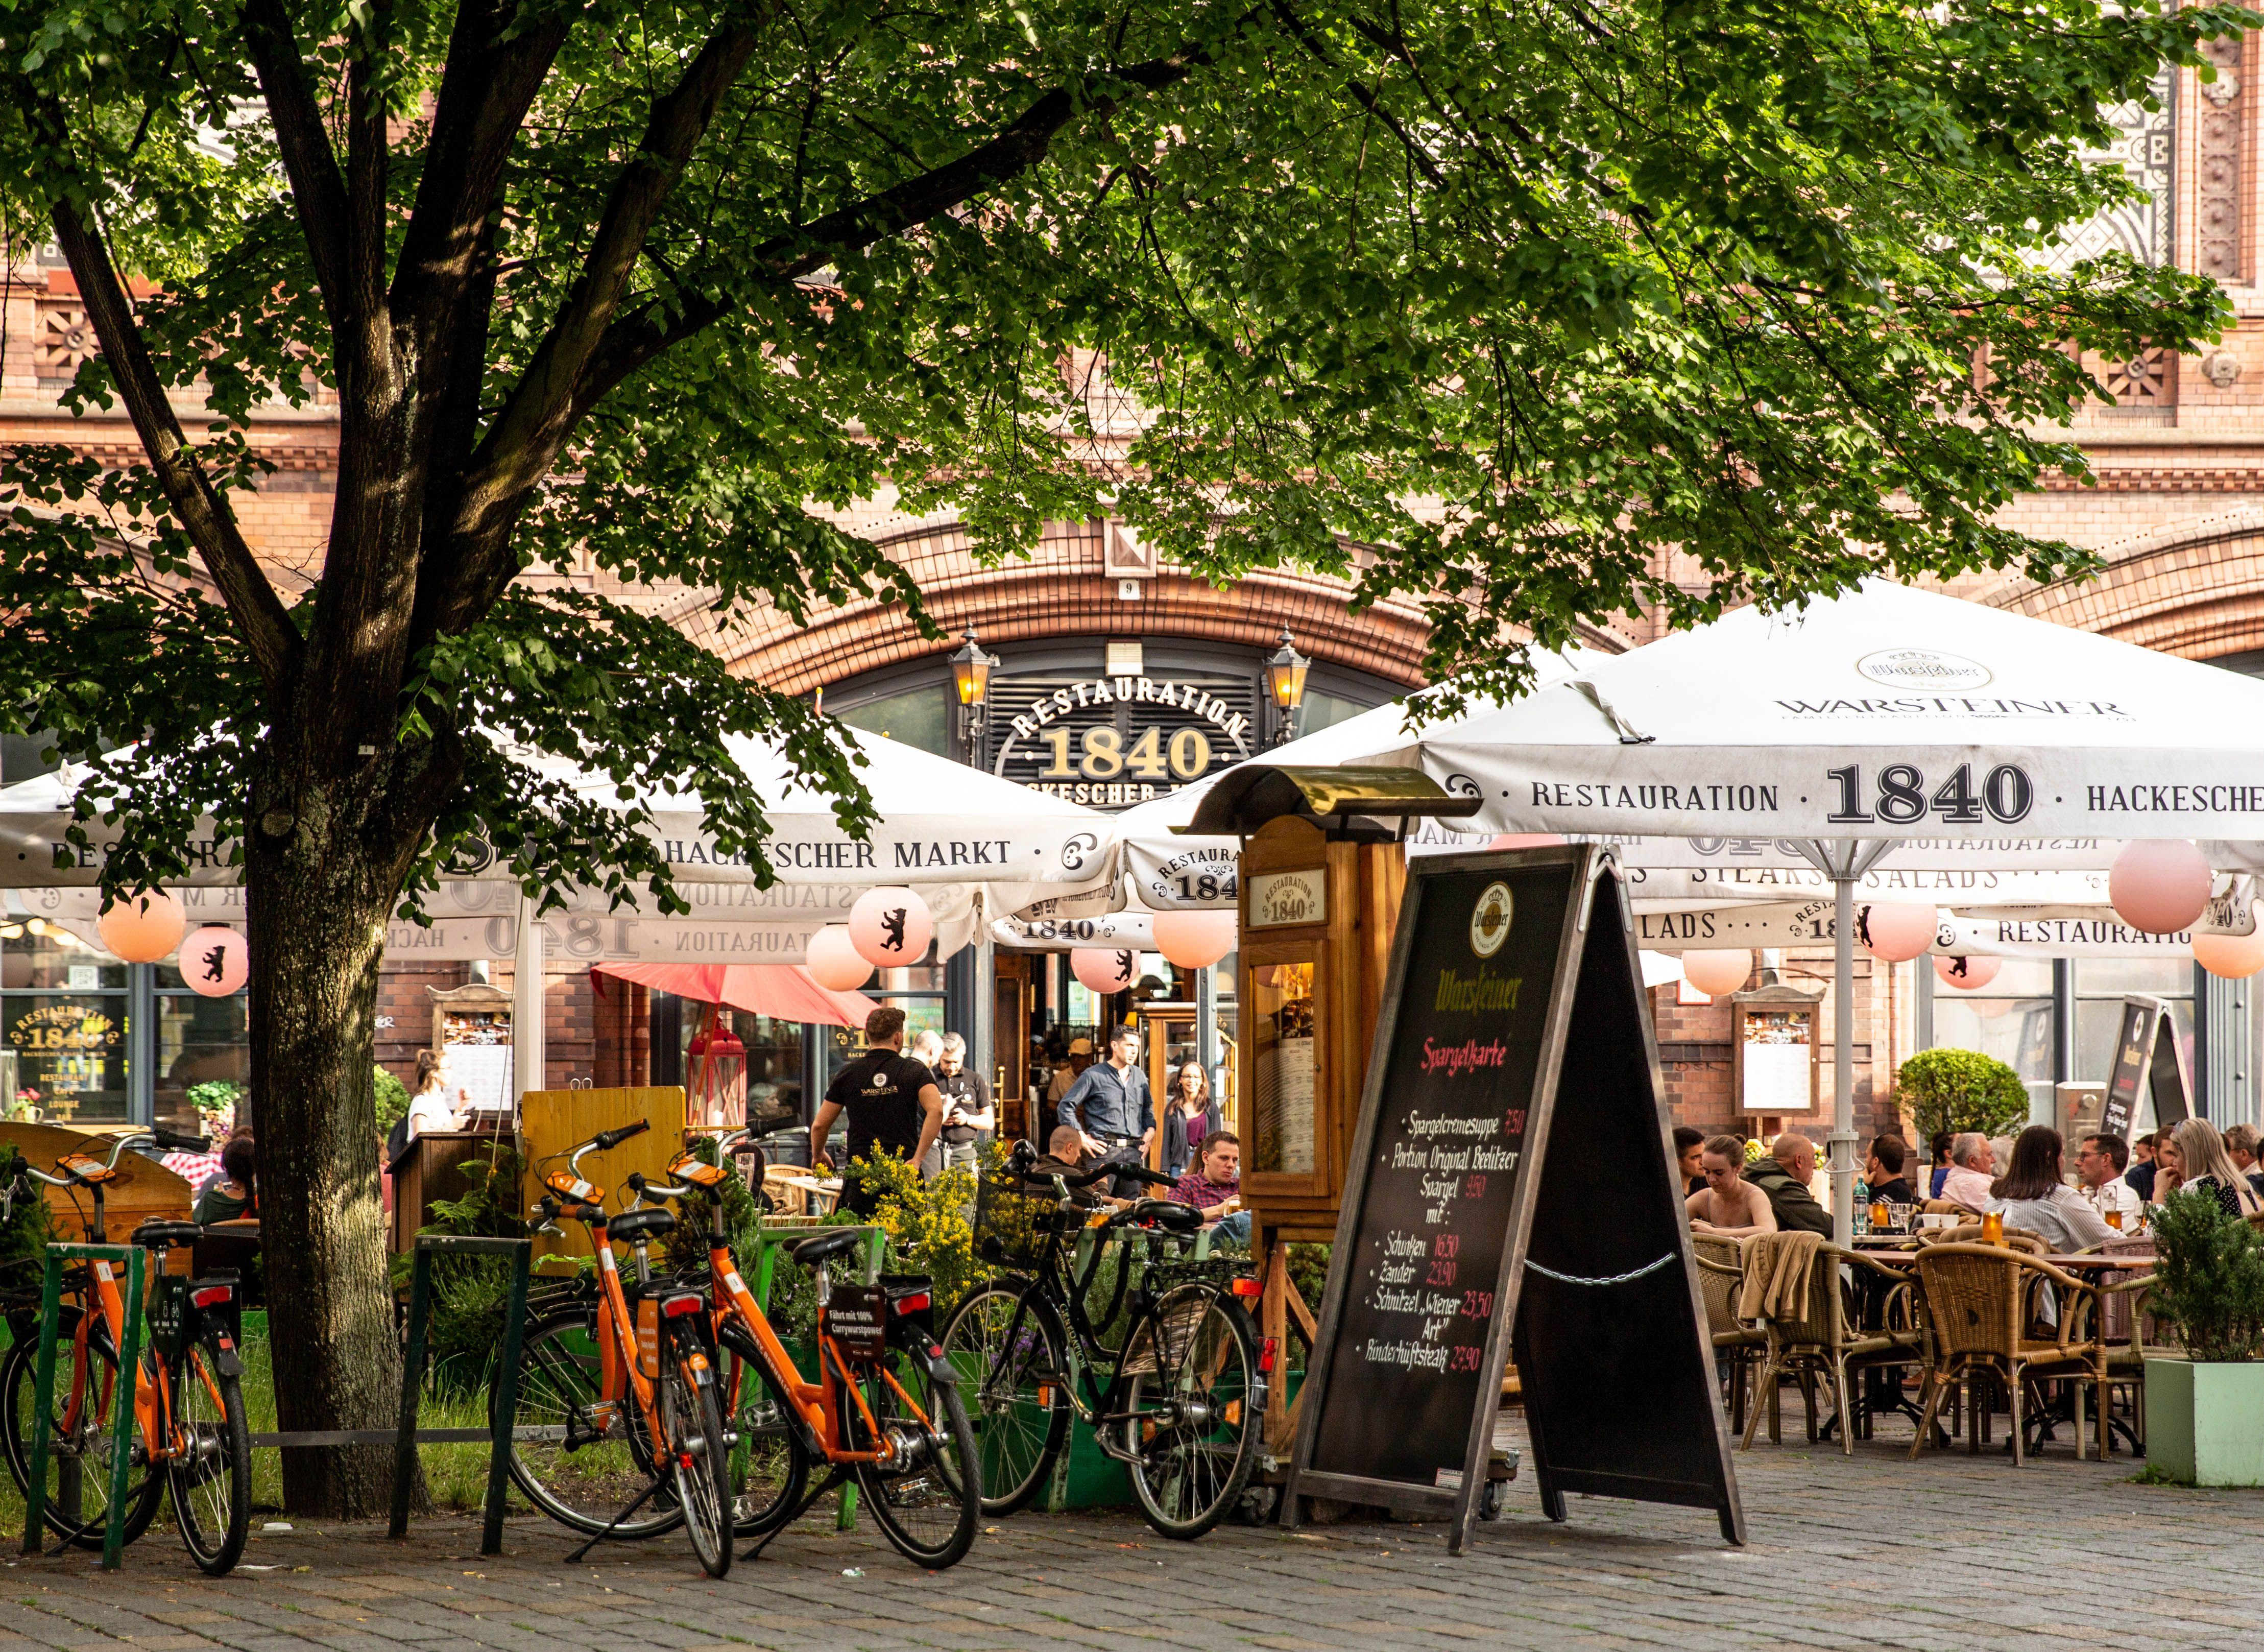 An outdoor beer garden in Hackescher Market